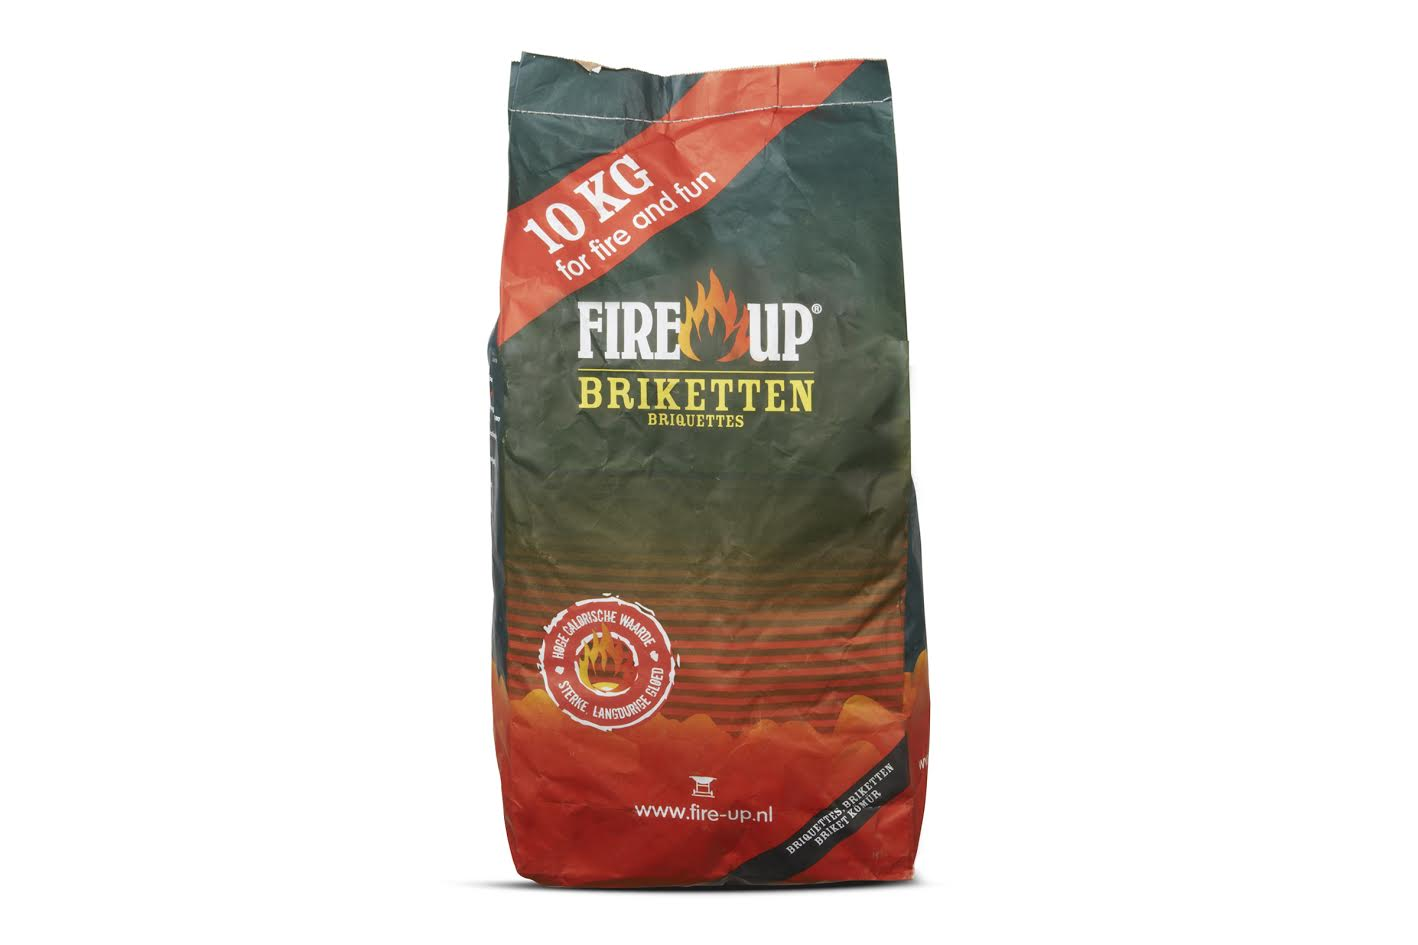 FIRE UP HOUTSKOOLBRIKETTEN 10 KG